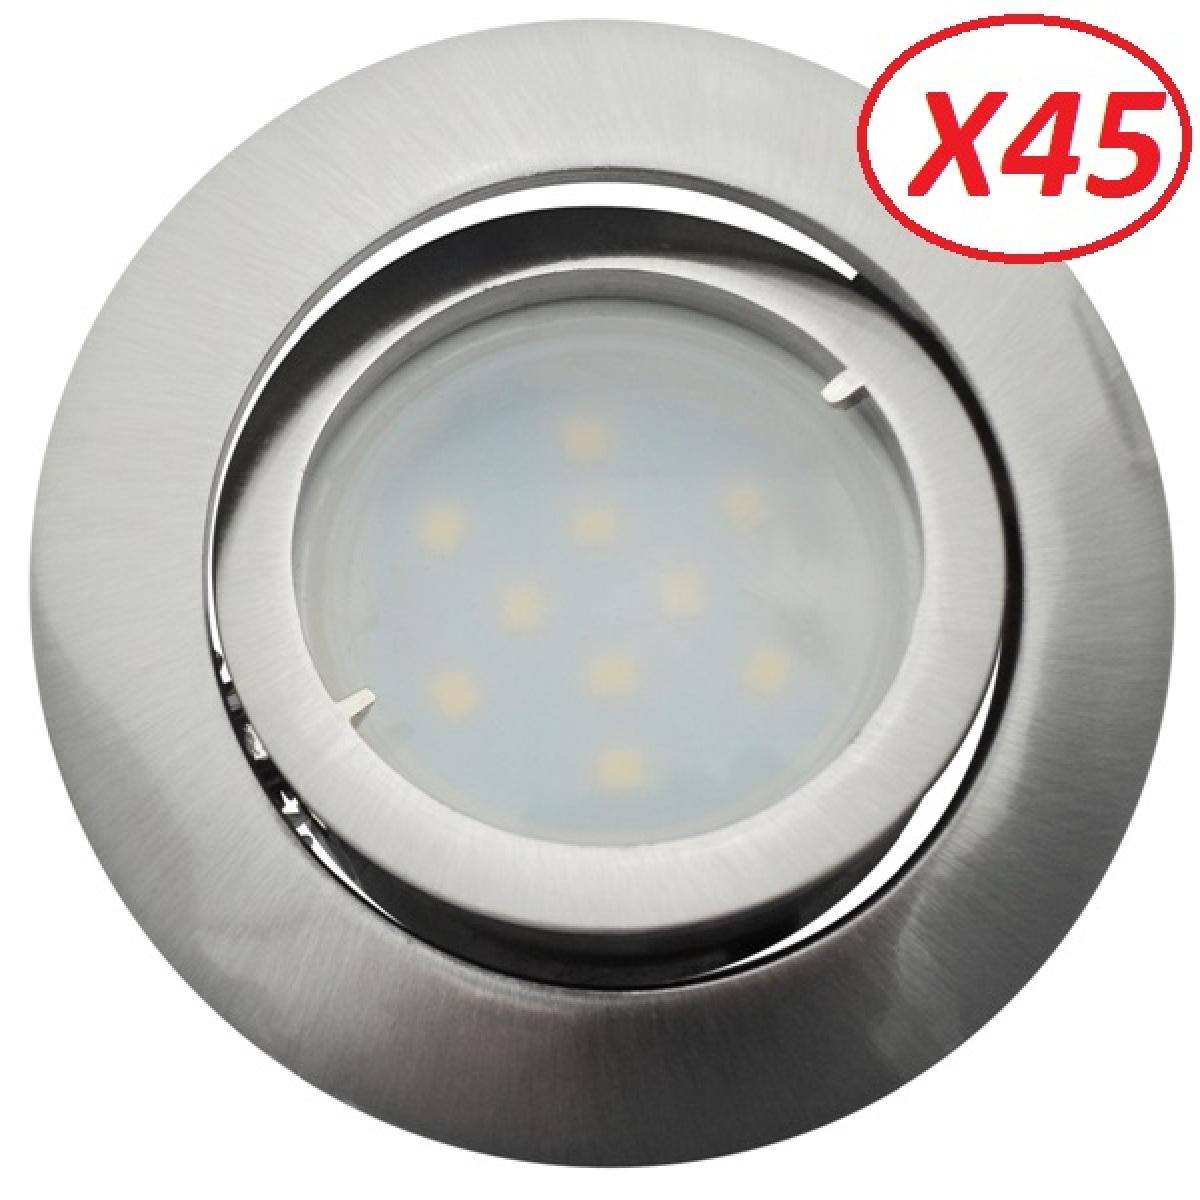 Eurobryte Lot de 45 Spot Led Encastrable Complete Satin Orientable lumière Blanc Neutre eq. 50W ref.895